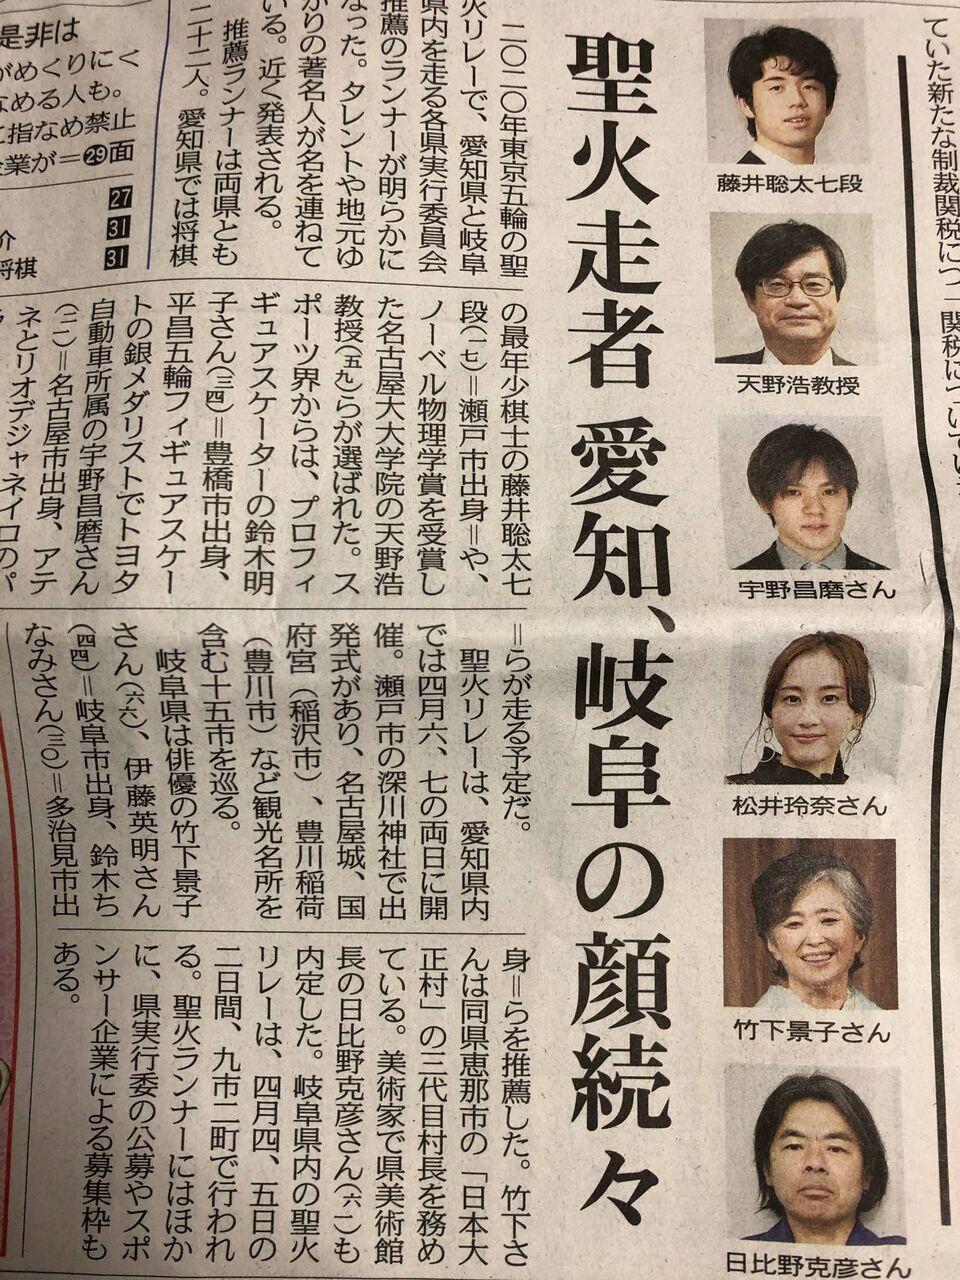 松井玲奈、東京五輪聖火リレー走者キタ━━━━(゚∀゚)━━━━!!